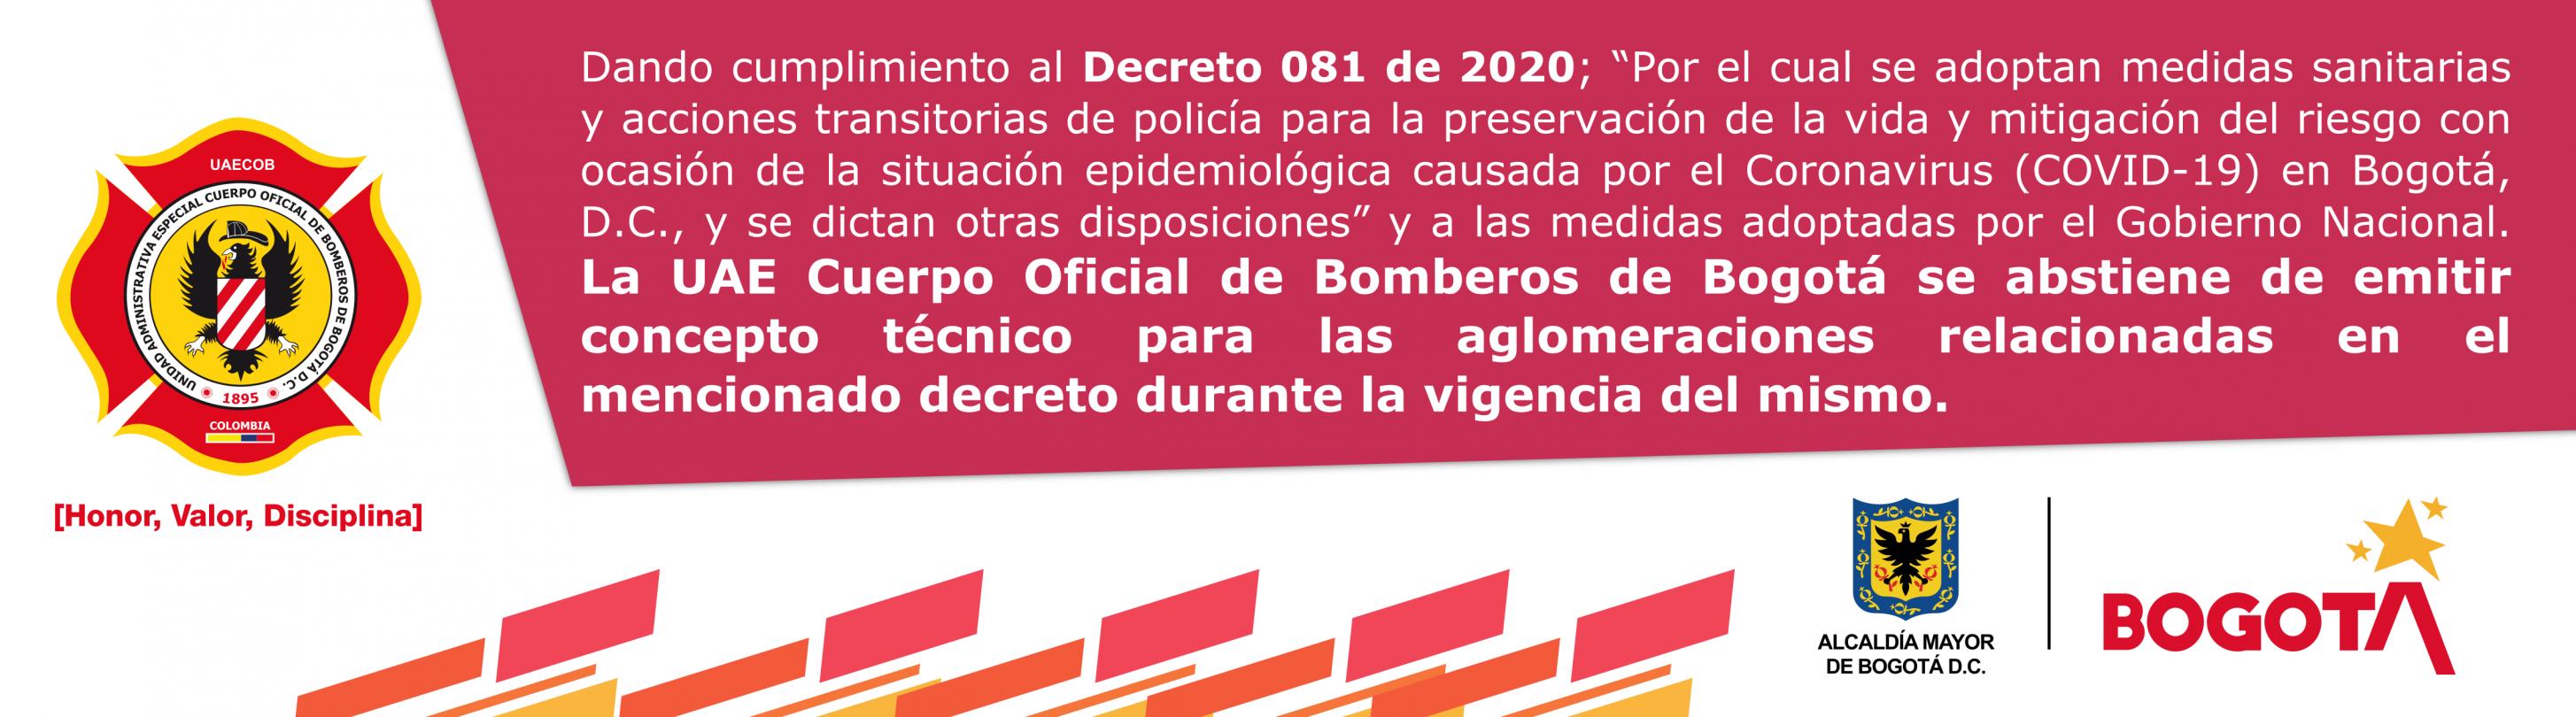 Decreto 081 de 2020